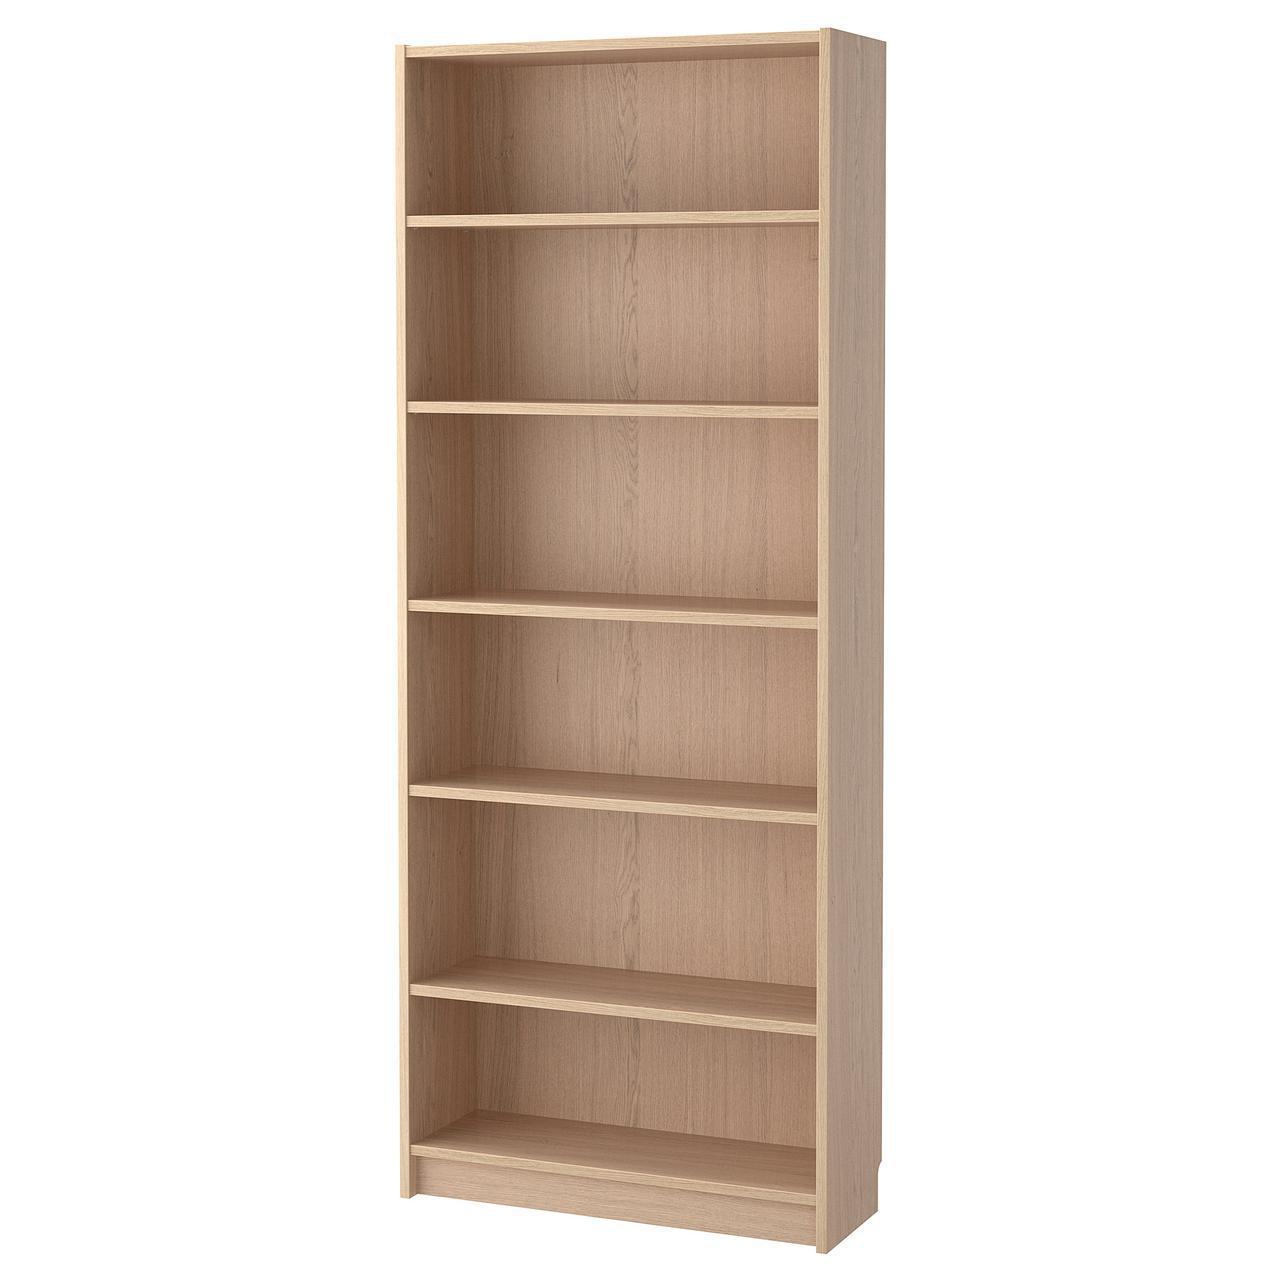 Стеллаж IKEA BILLY 80x28x202 см беленый дуб 904.042.09